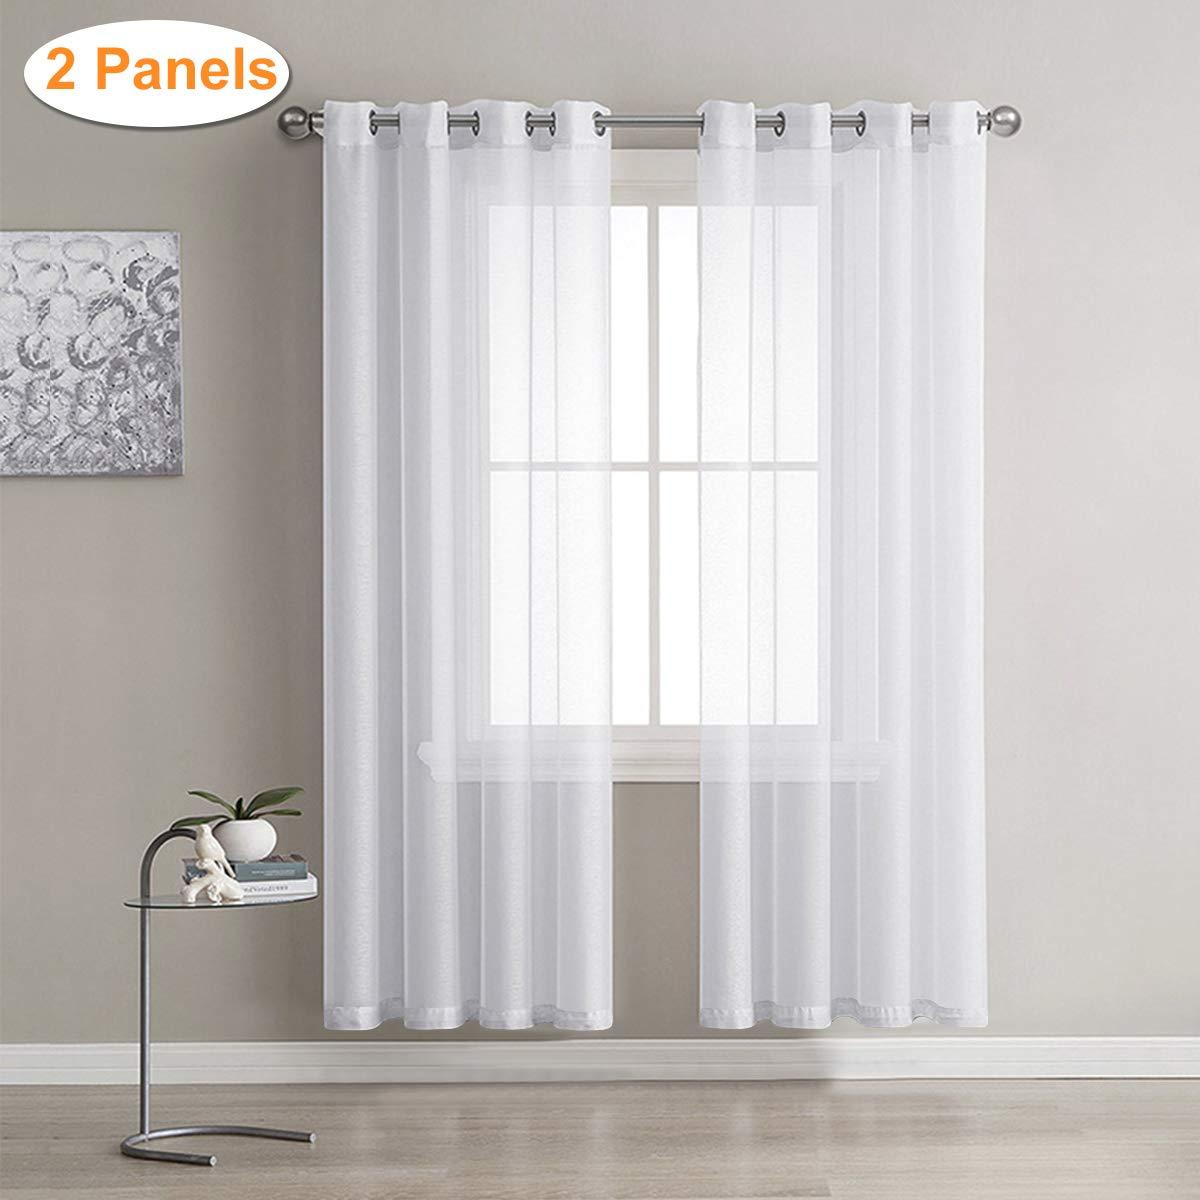 2 sencillas y elegantes piezas de cortinas. Medida 140x175cm y opción a otras medidas.